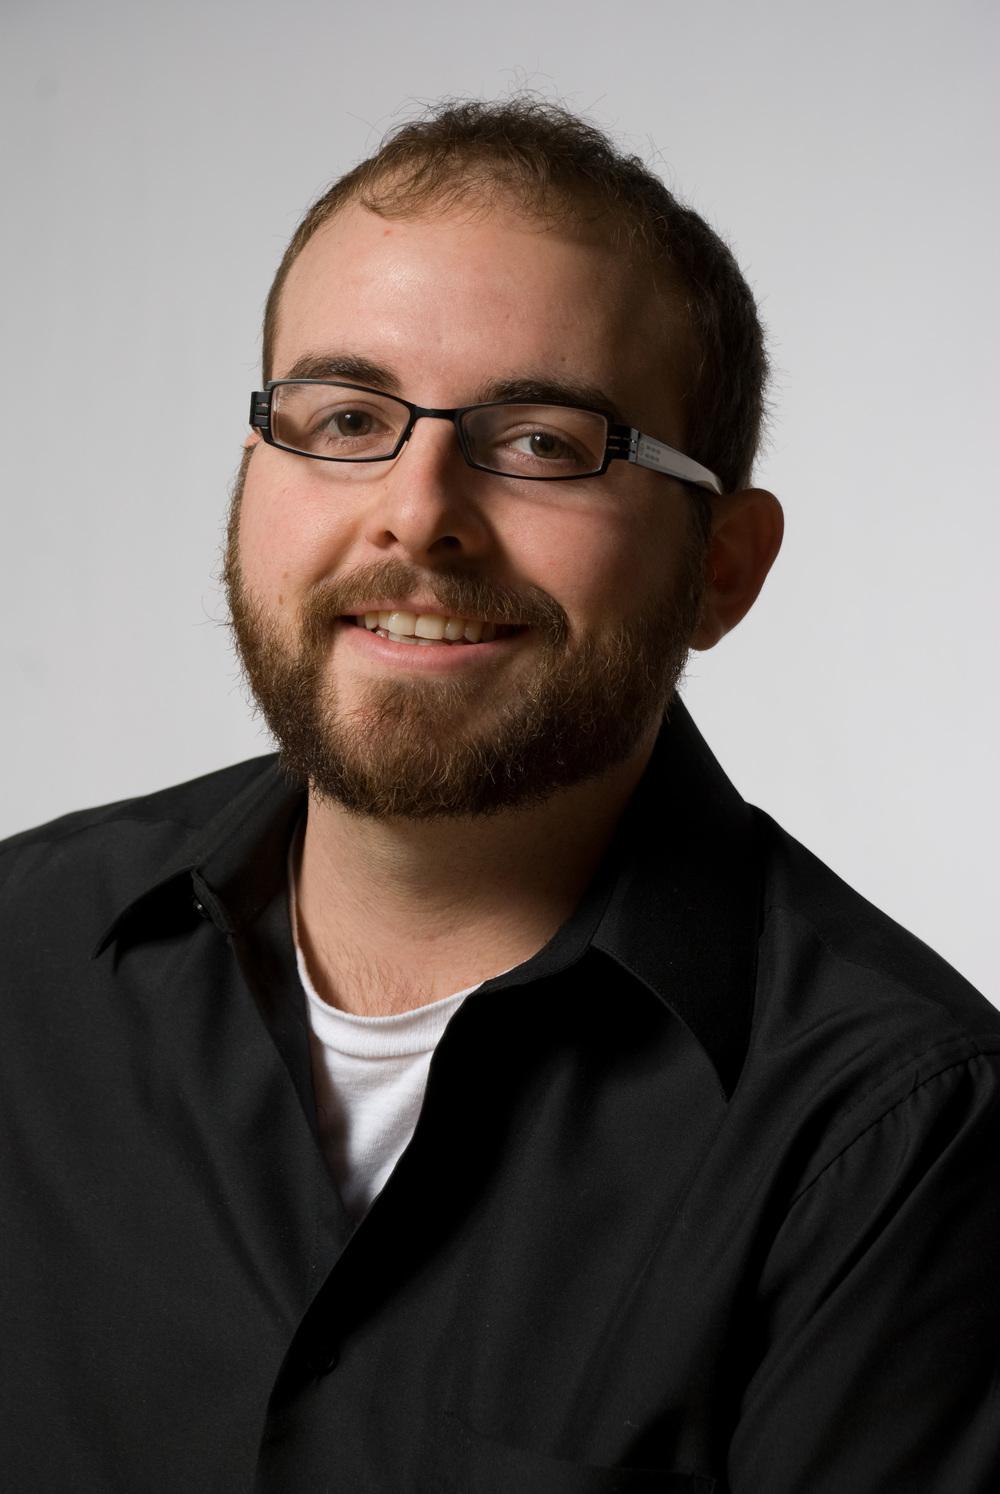 ChrisK_2009_0003.jpg